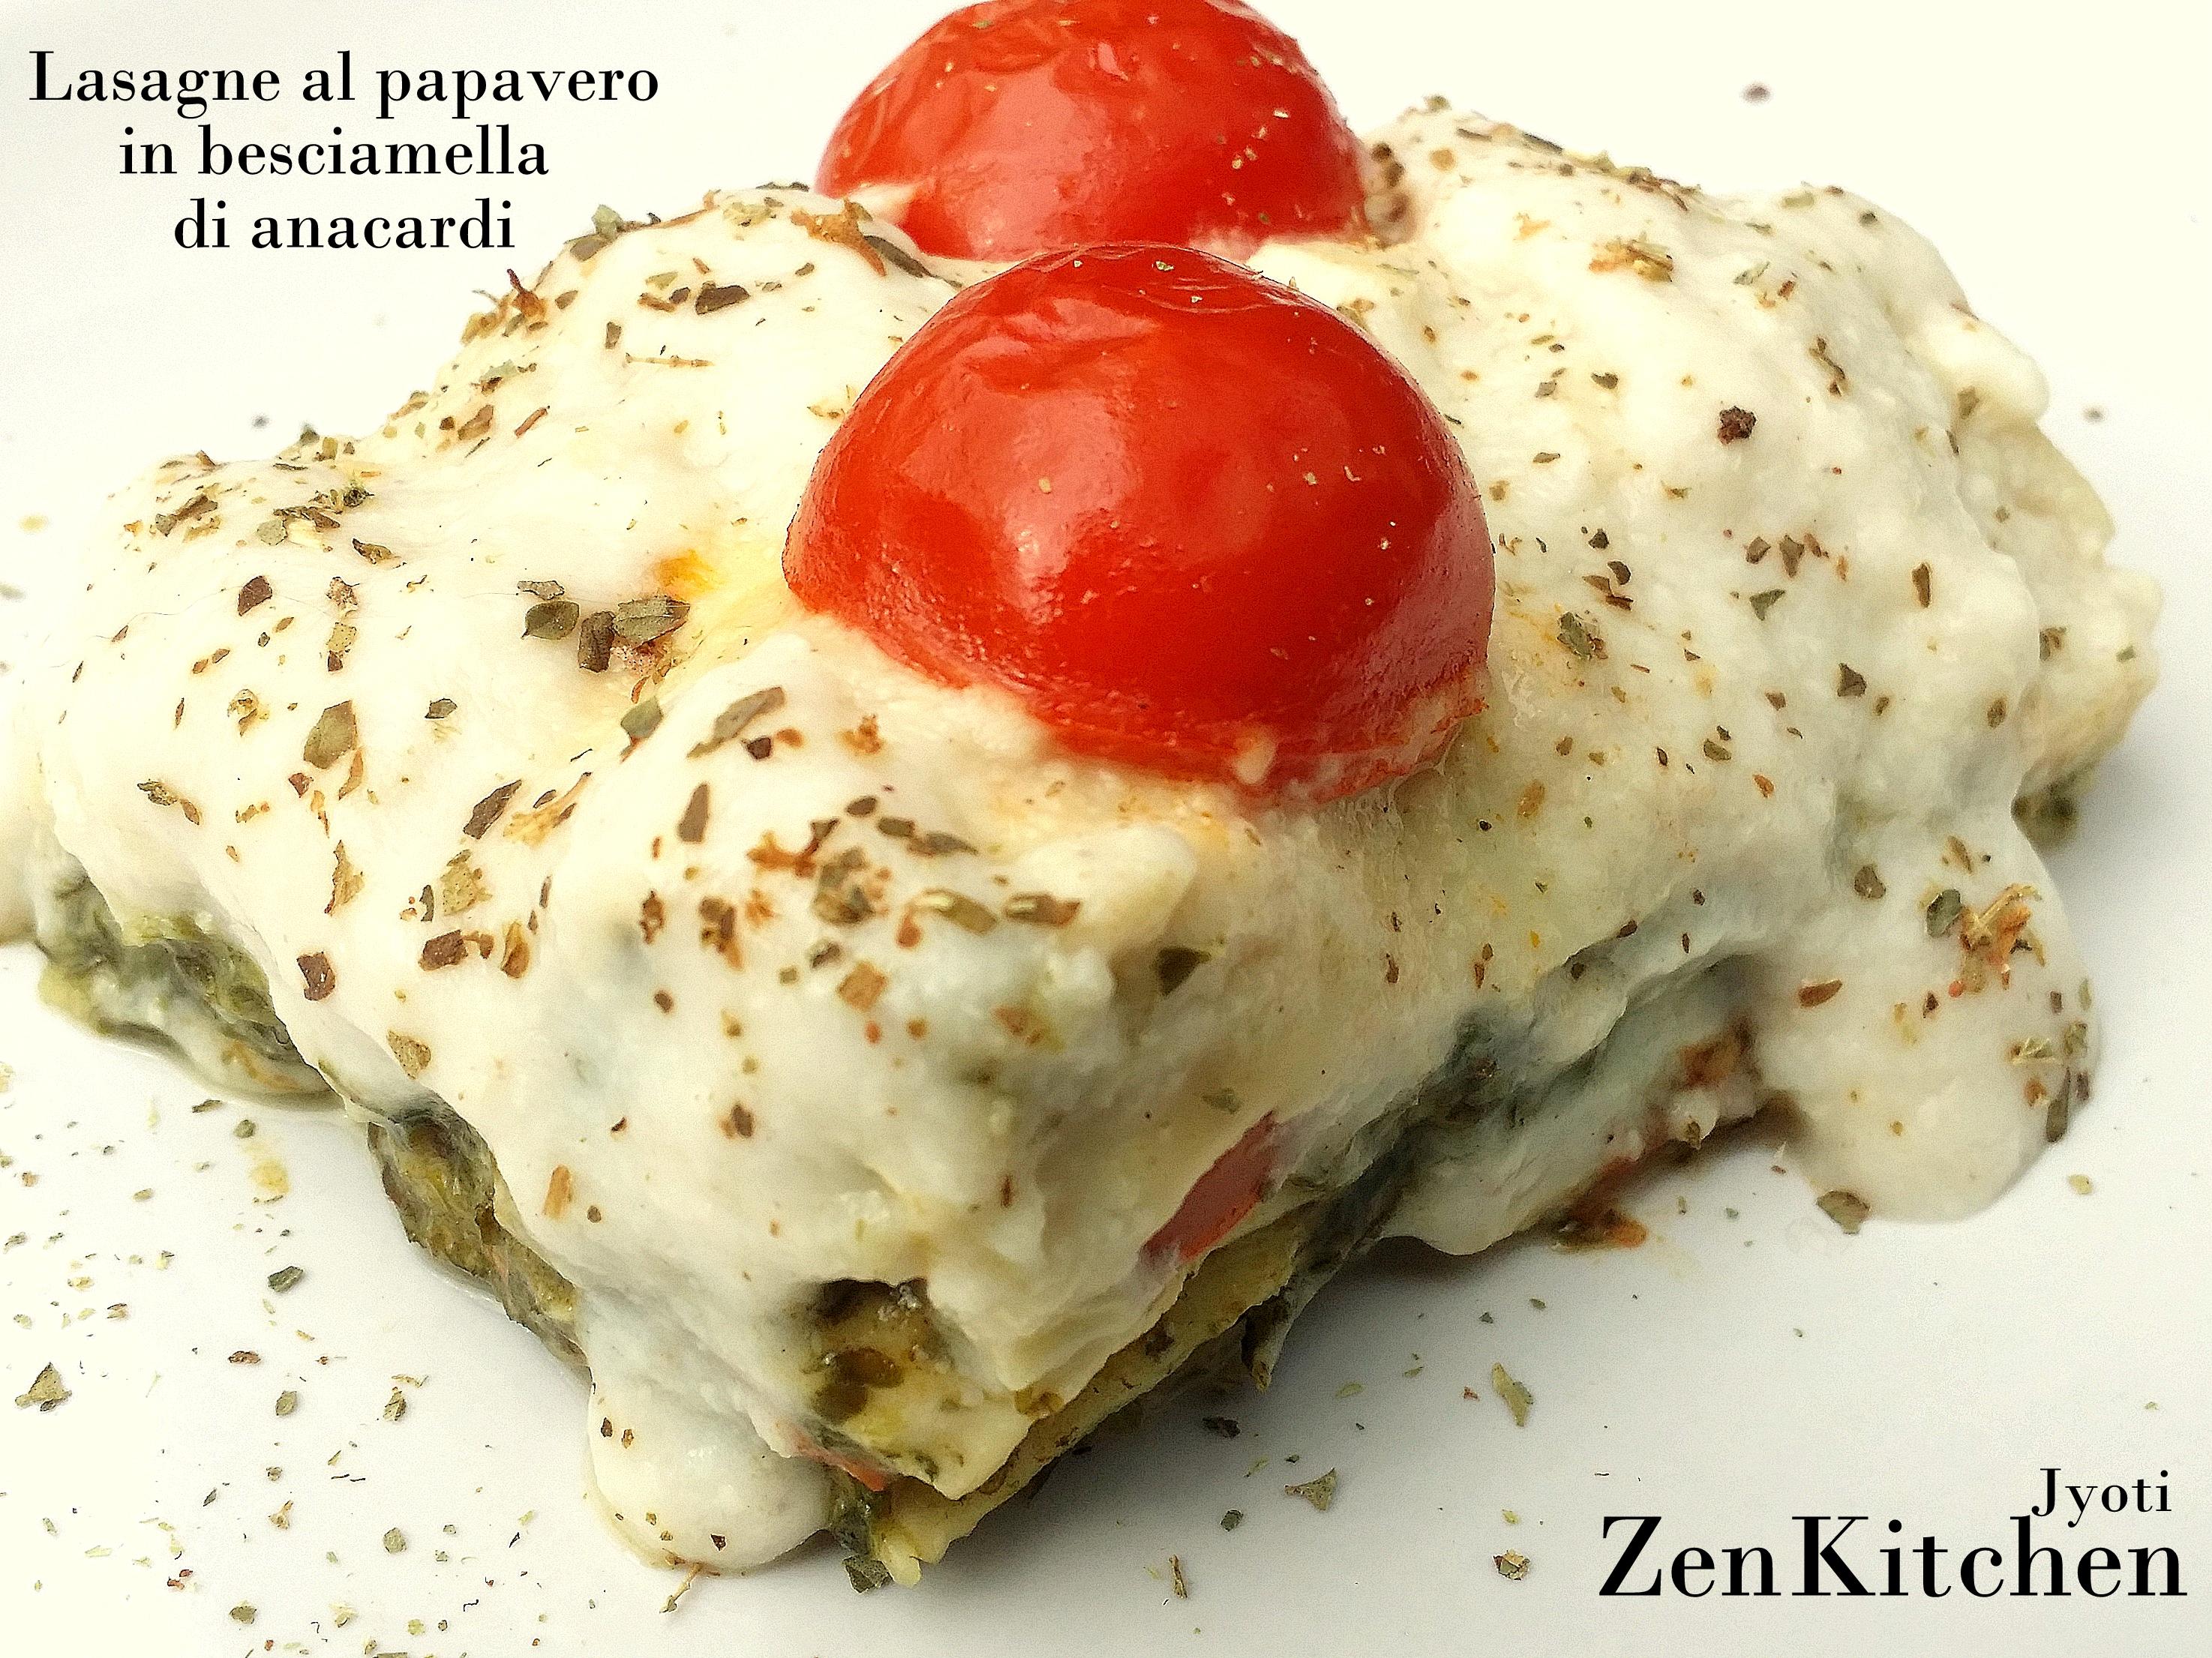 Lasagnette al papavero in besciamella di anacardi